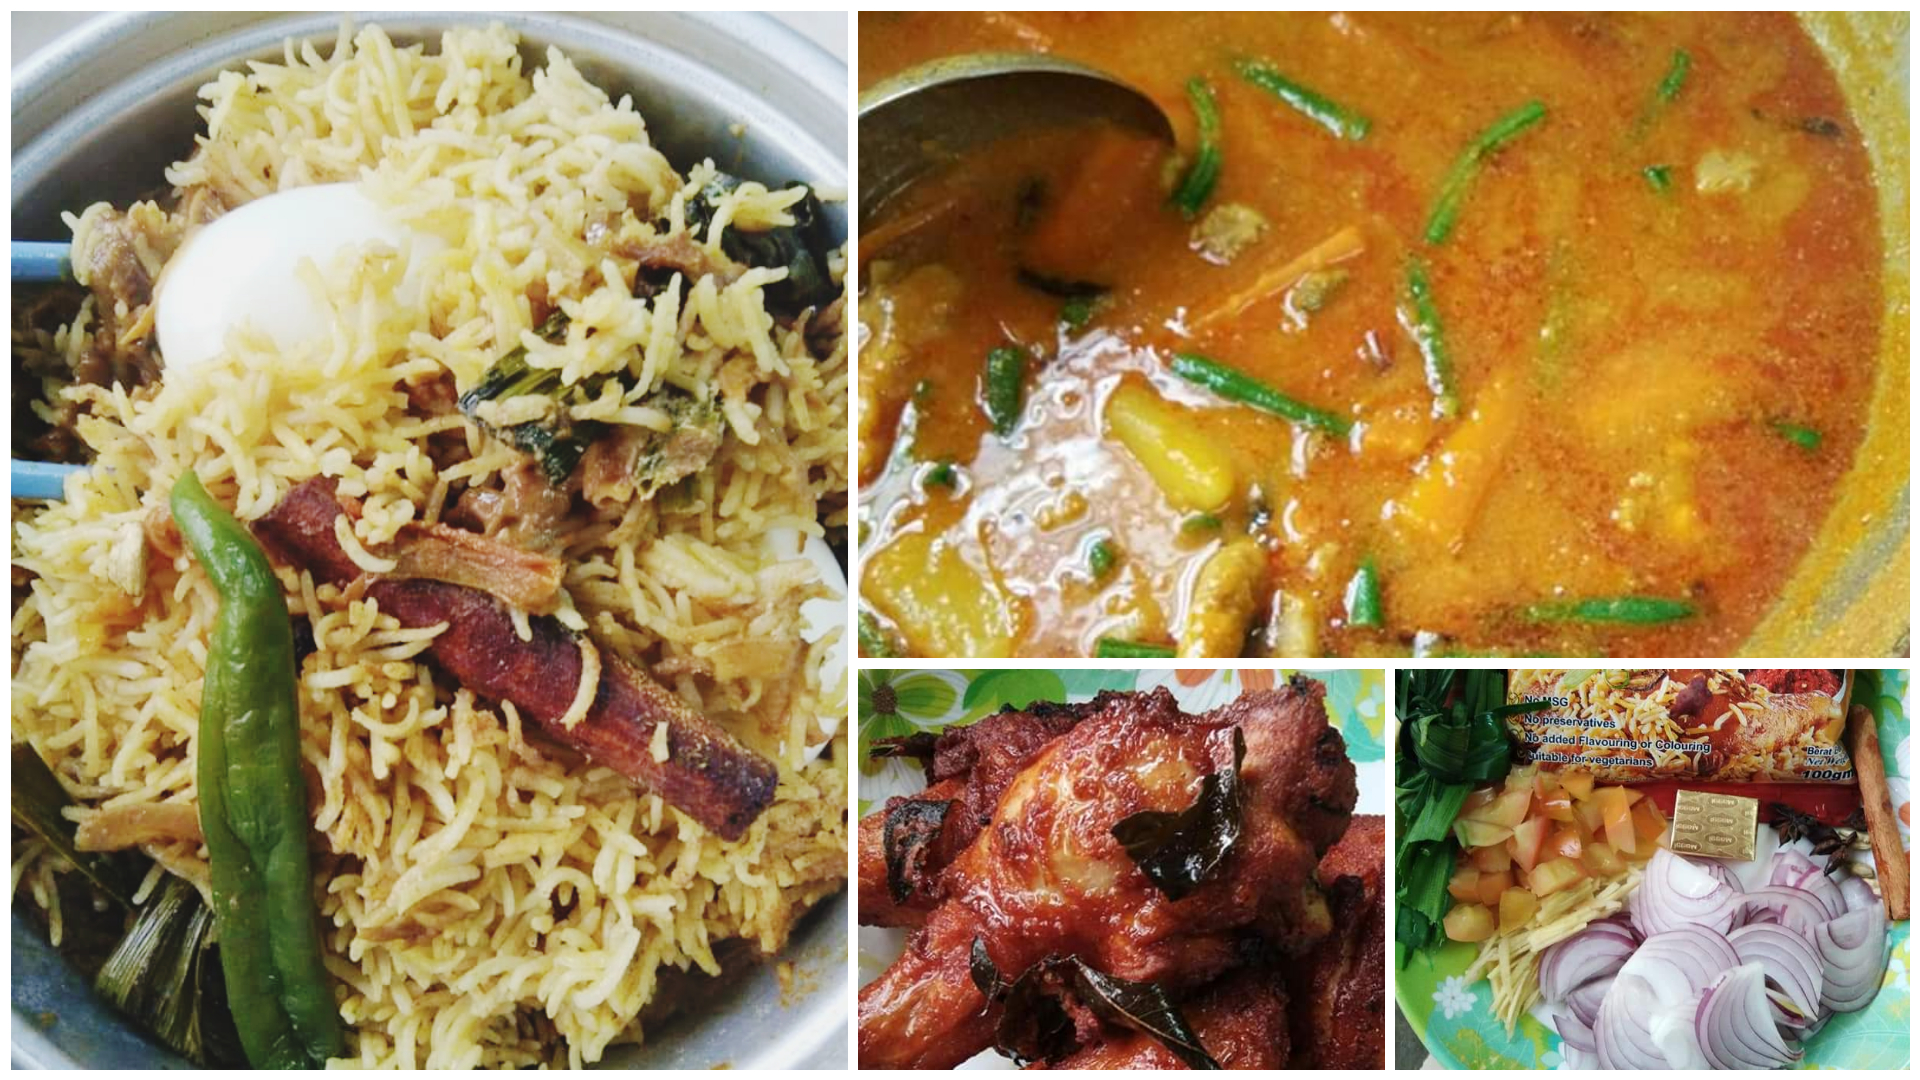 Resepi Nasi Beriani Mudah Sangat Dengan Ayam Goreng Mamak Special. Memang Best!